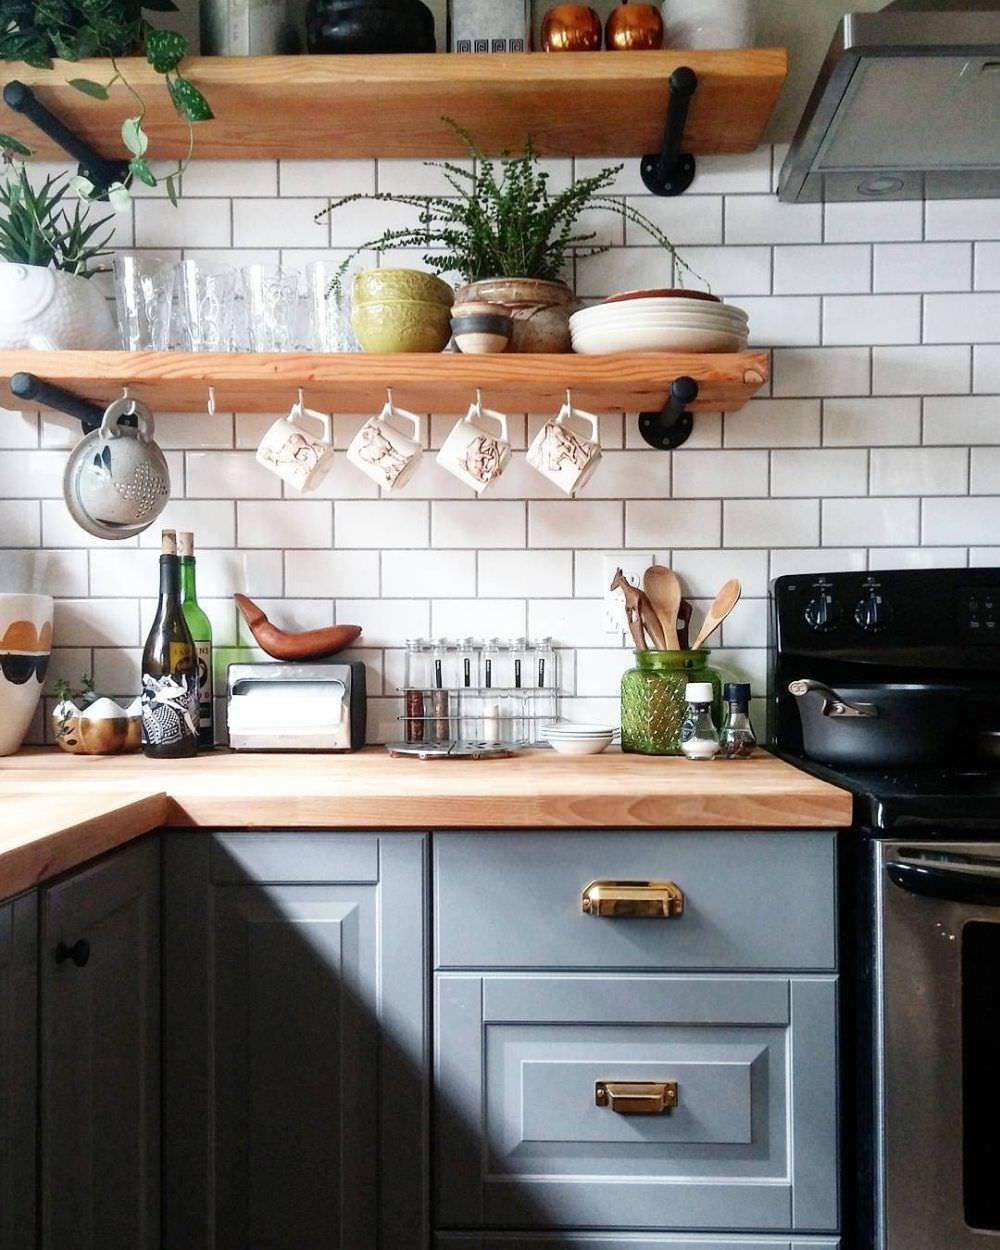 mutfak-acik-raf-modelleri açık mutfak raflarınızı nasıl düzenleyebilirsiniz - mutfak acik raf modelleri 16